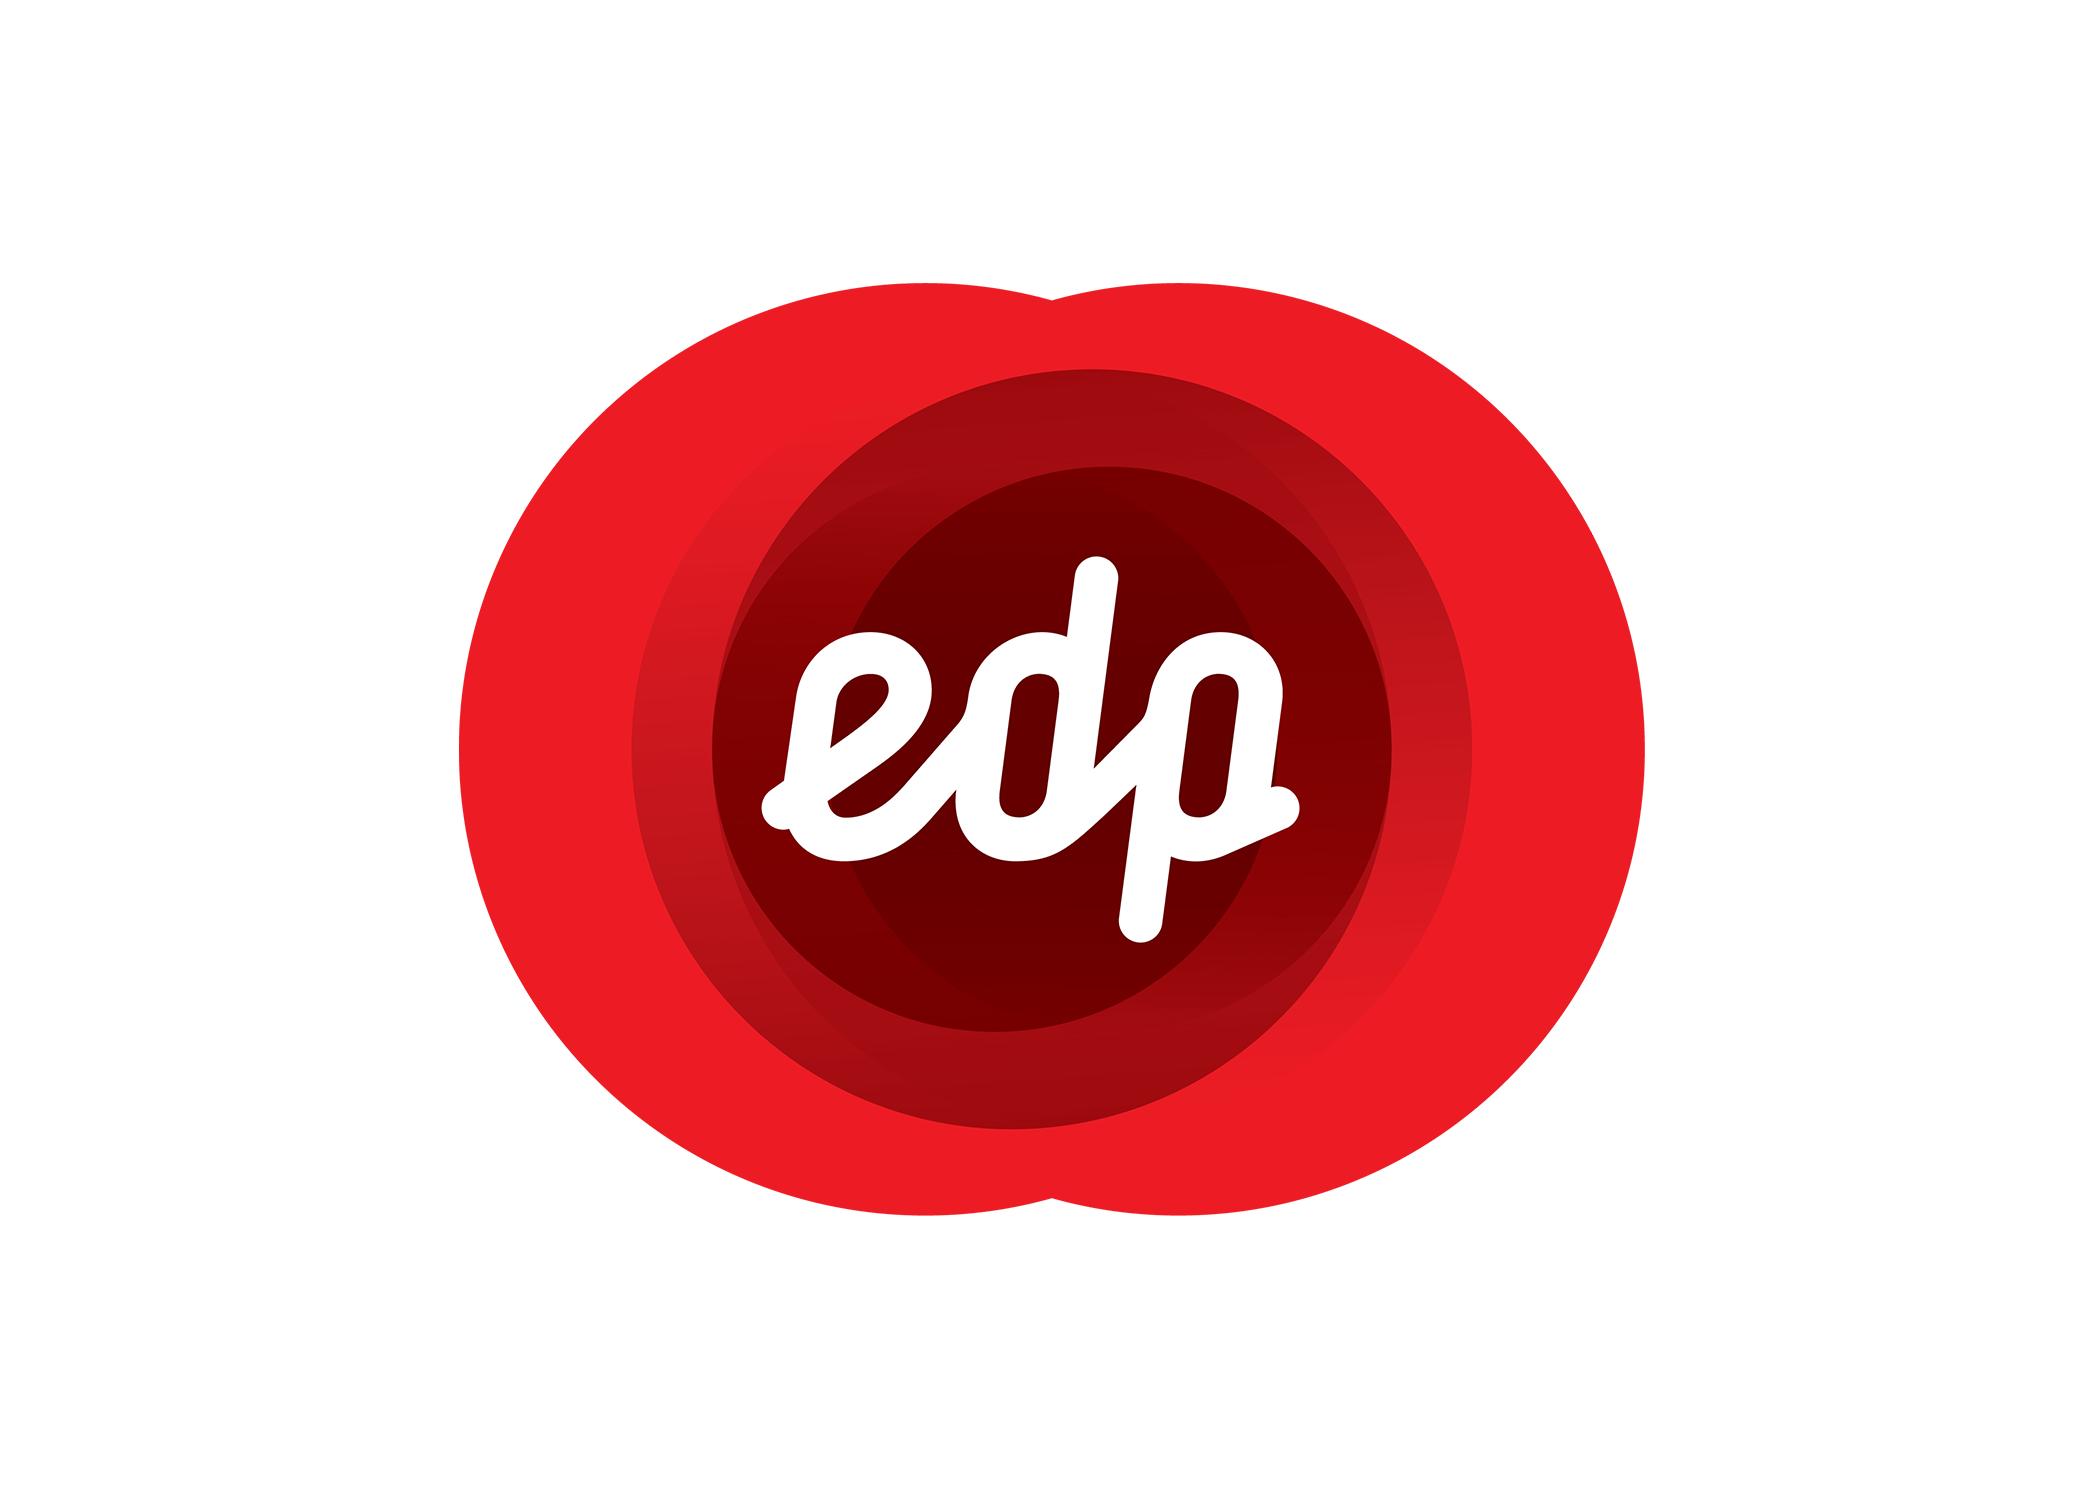 EDP - Energia de Portugal